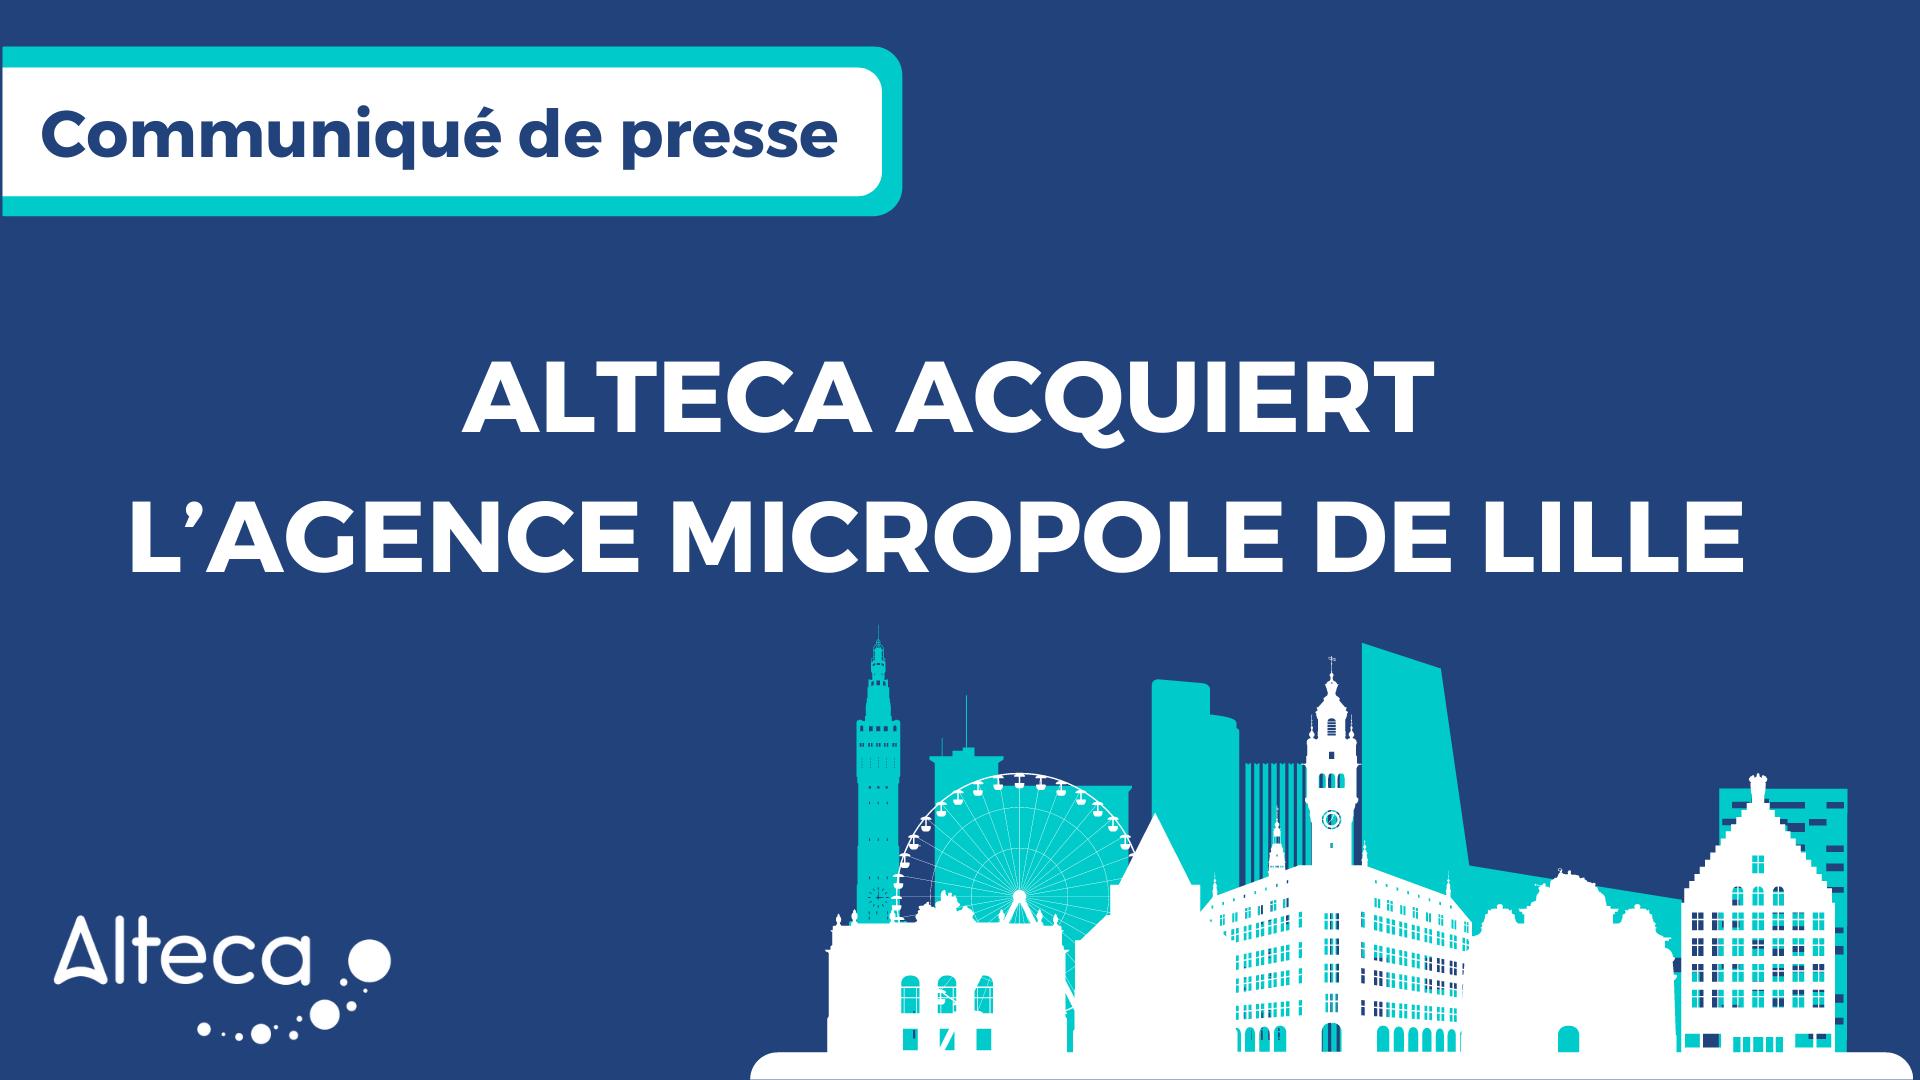 Communiqué de presse : Alteca acquiert l'agence Micropole de Lille